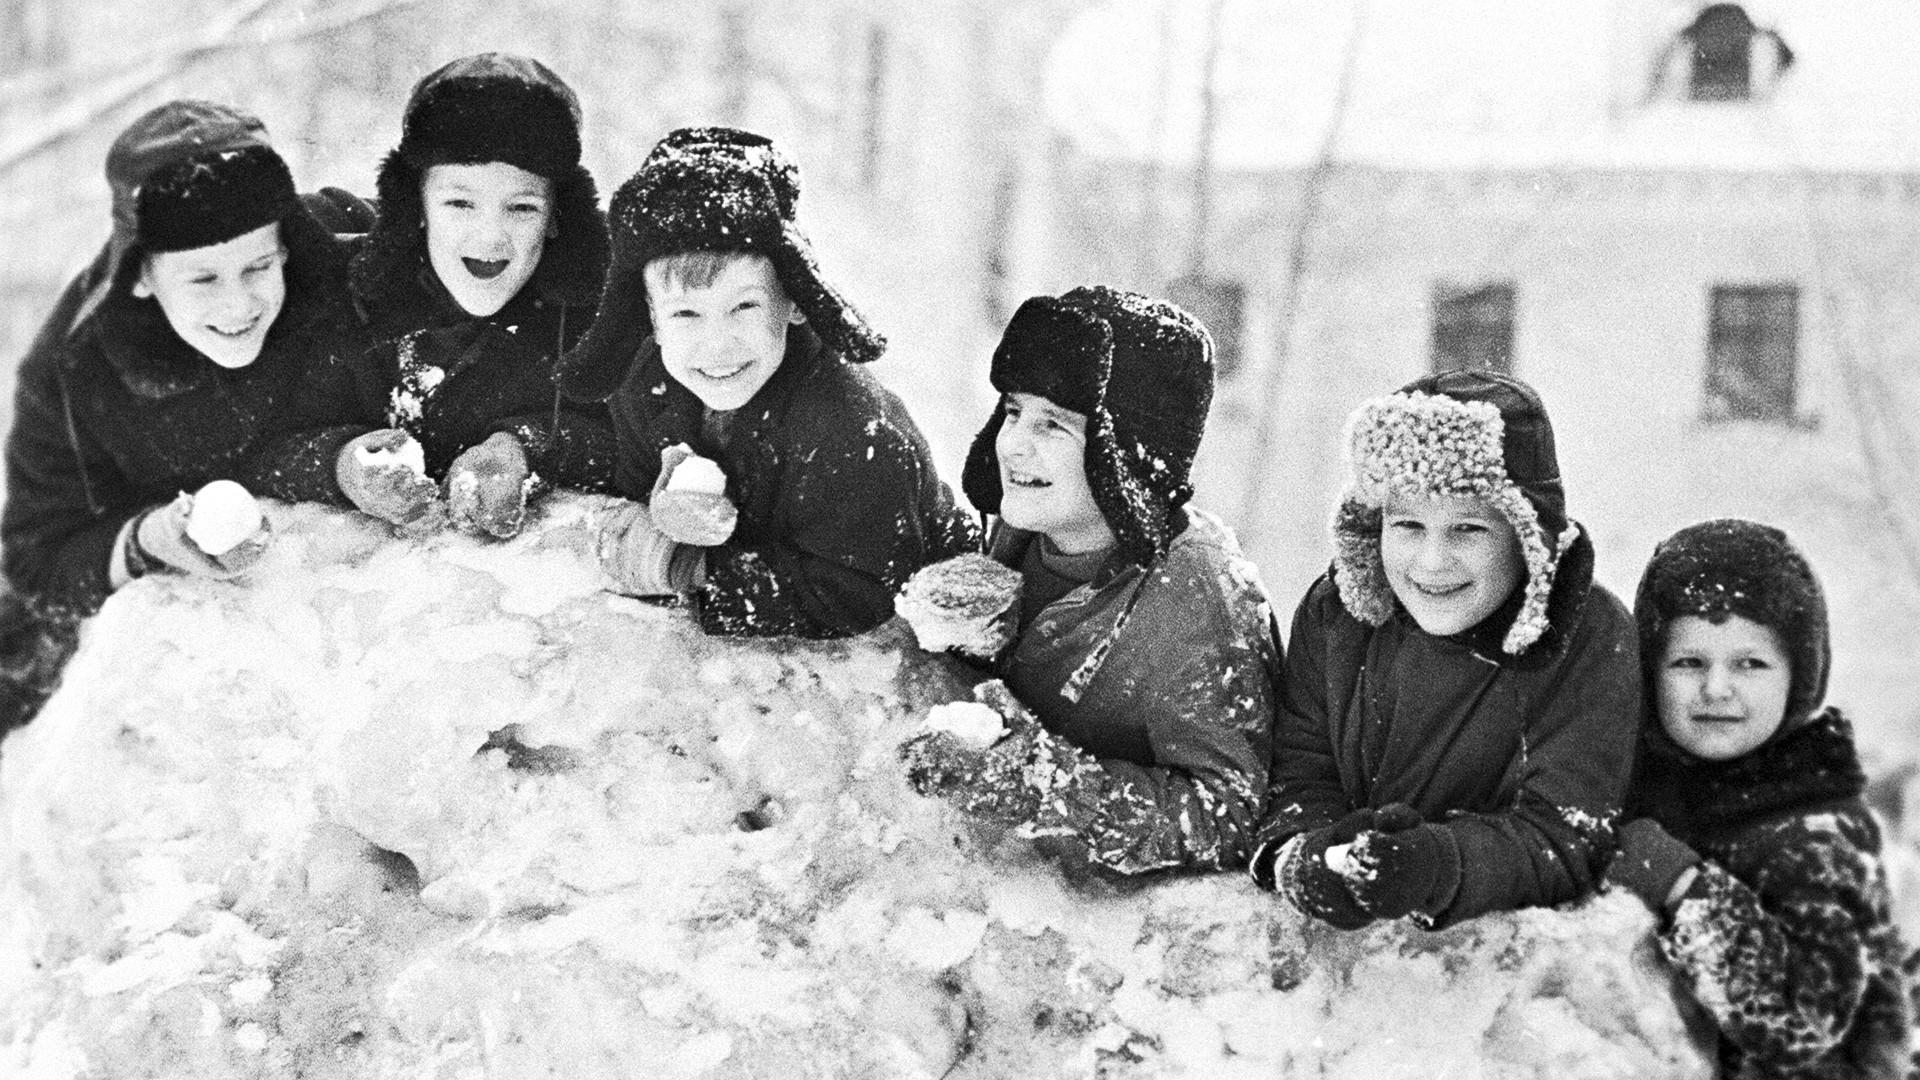 チェレポヴェツの学童は冬休み中